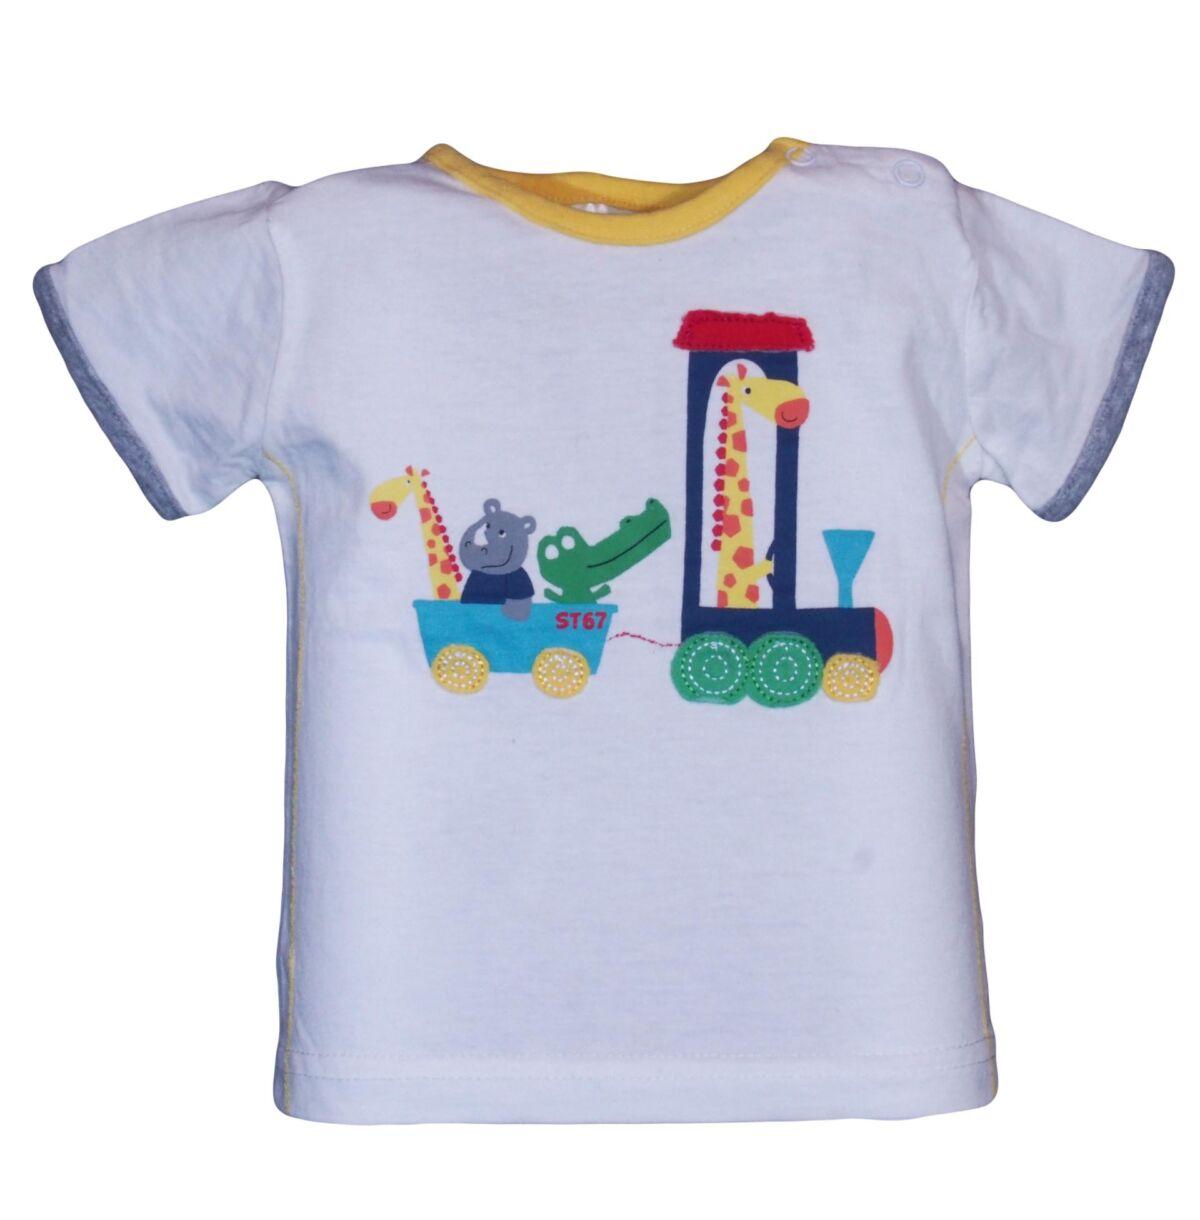 56 (újszülött) - Kedvenc Gyerekruha Webshop - 7. oldal 4079ab3da8